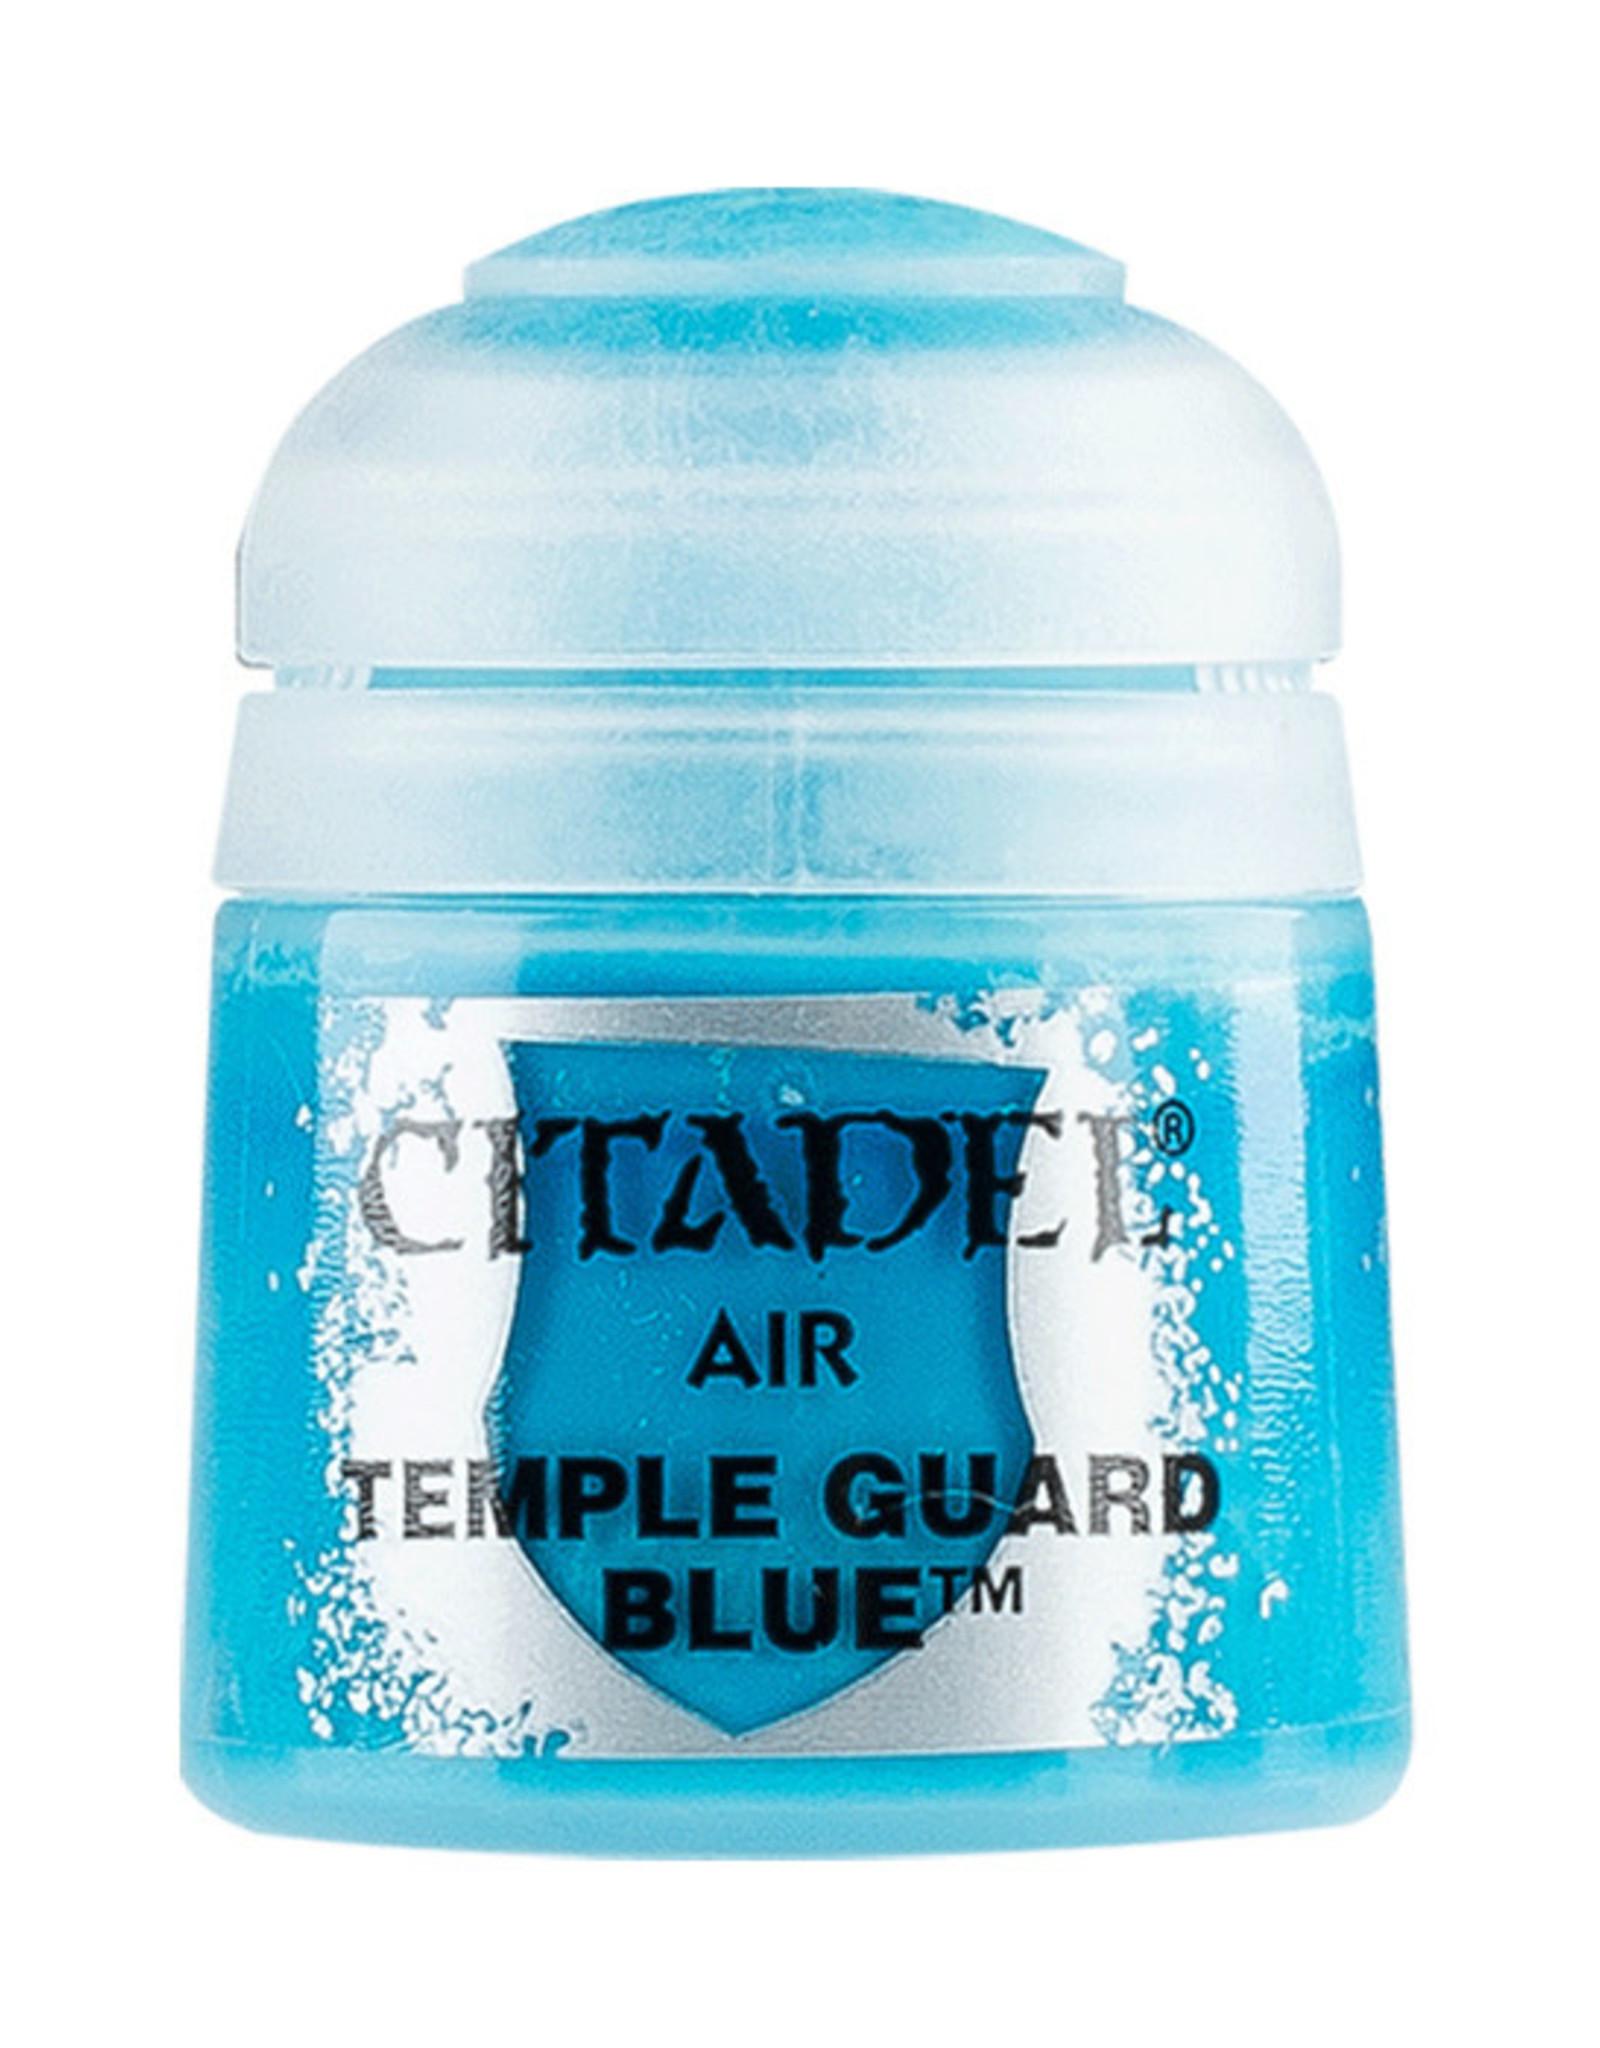 Citadel Citadel Colour: Air - Temple Guard Blue